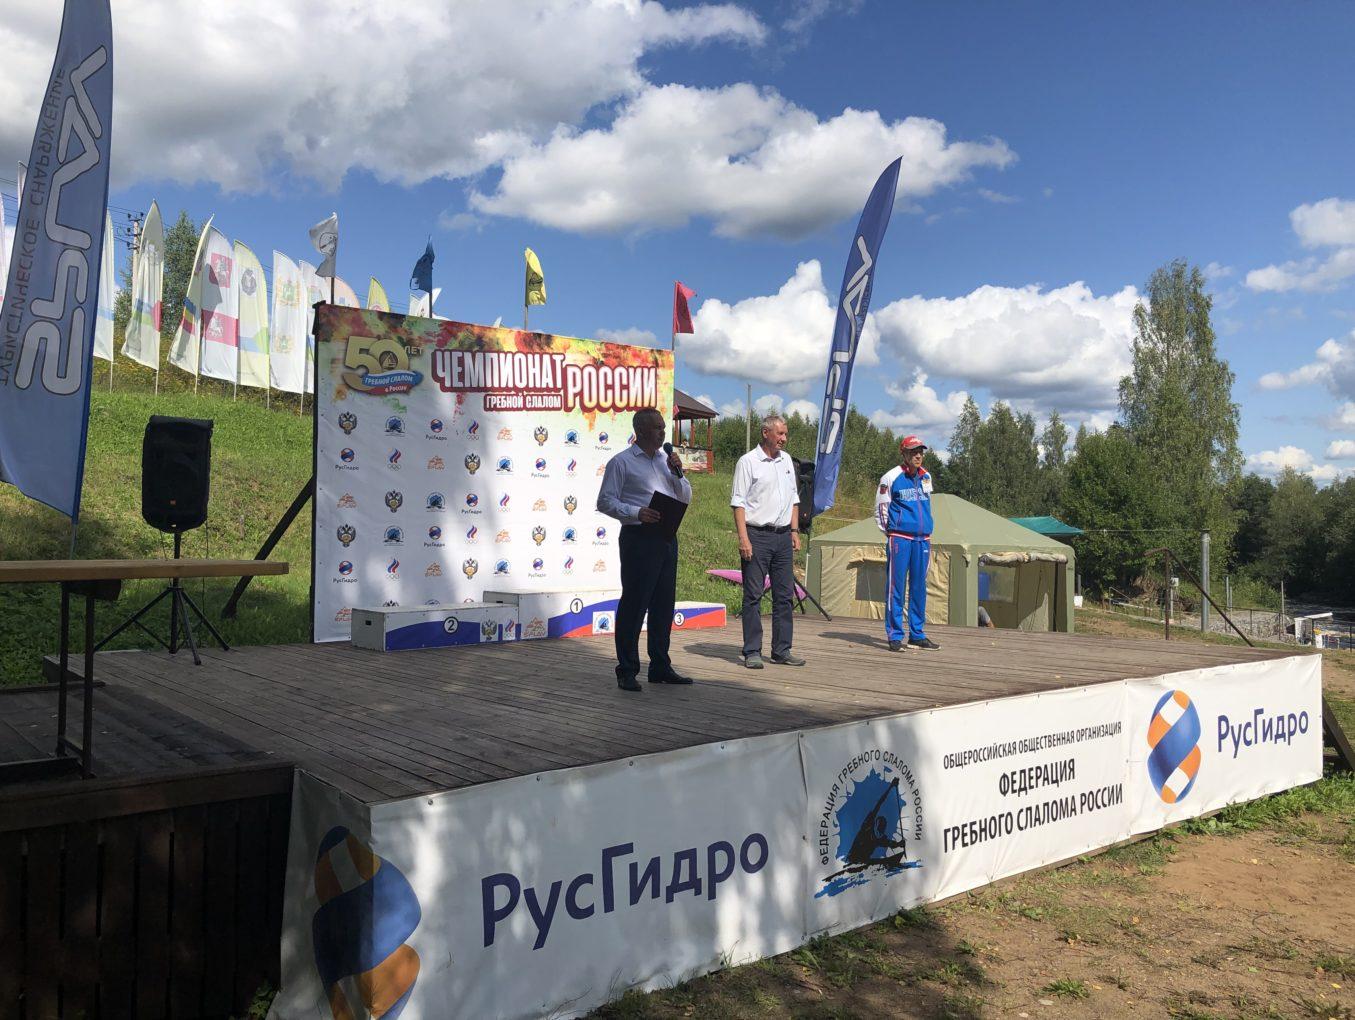 Церемония открытия, квалификация и первые медали - во второй день чемпионата и первенства России